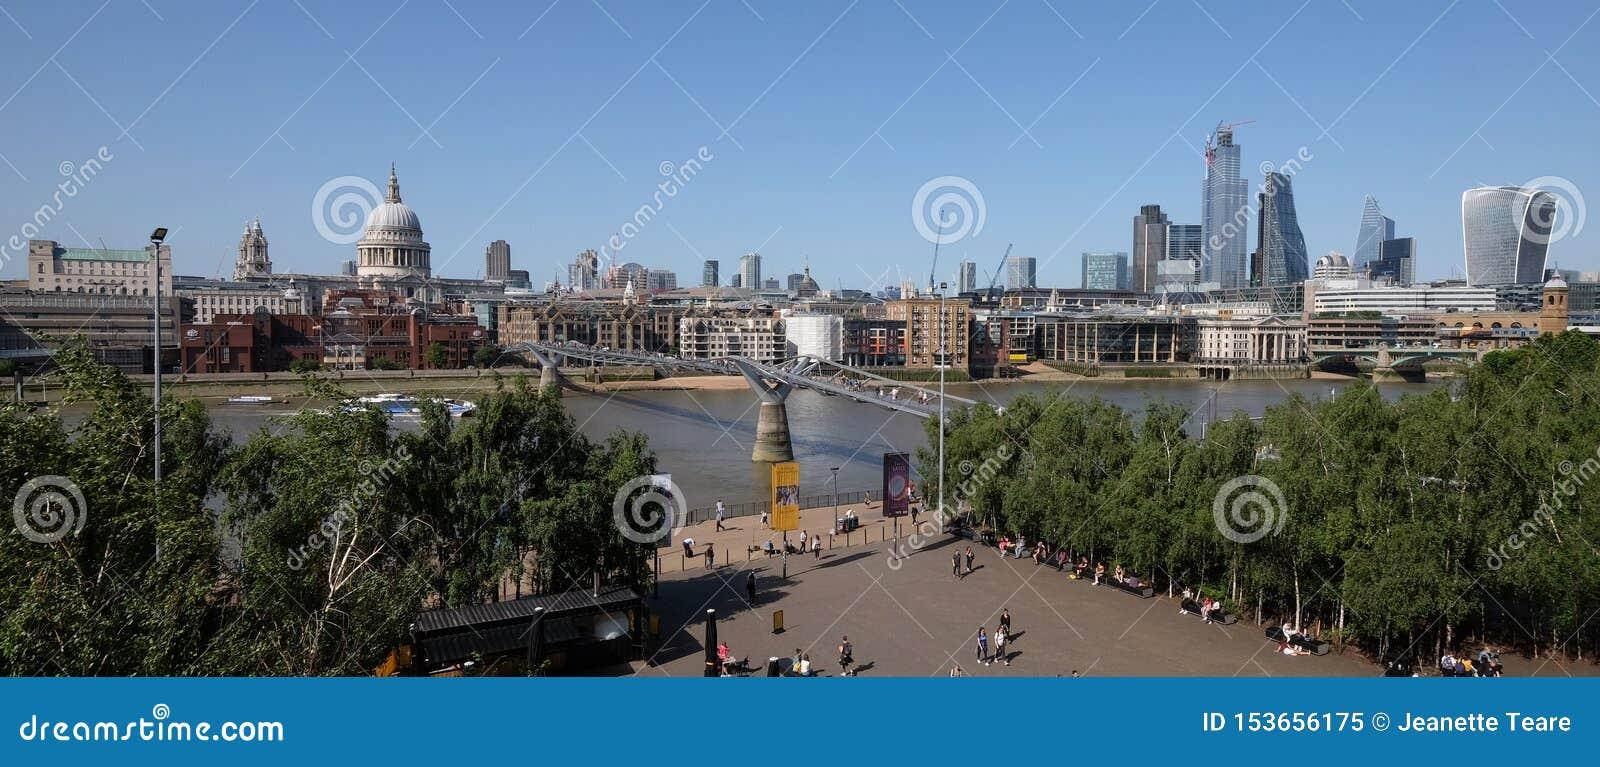 Πόλη του Λονδίνου, Ηνωμένο Βασίλειο στις 6 Ιουλίου 2019: Πανόραμα οριζόντων του Λονδίνου που βλέπει από τη νότια τράπεζα